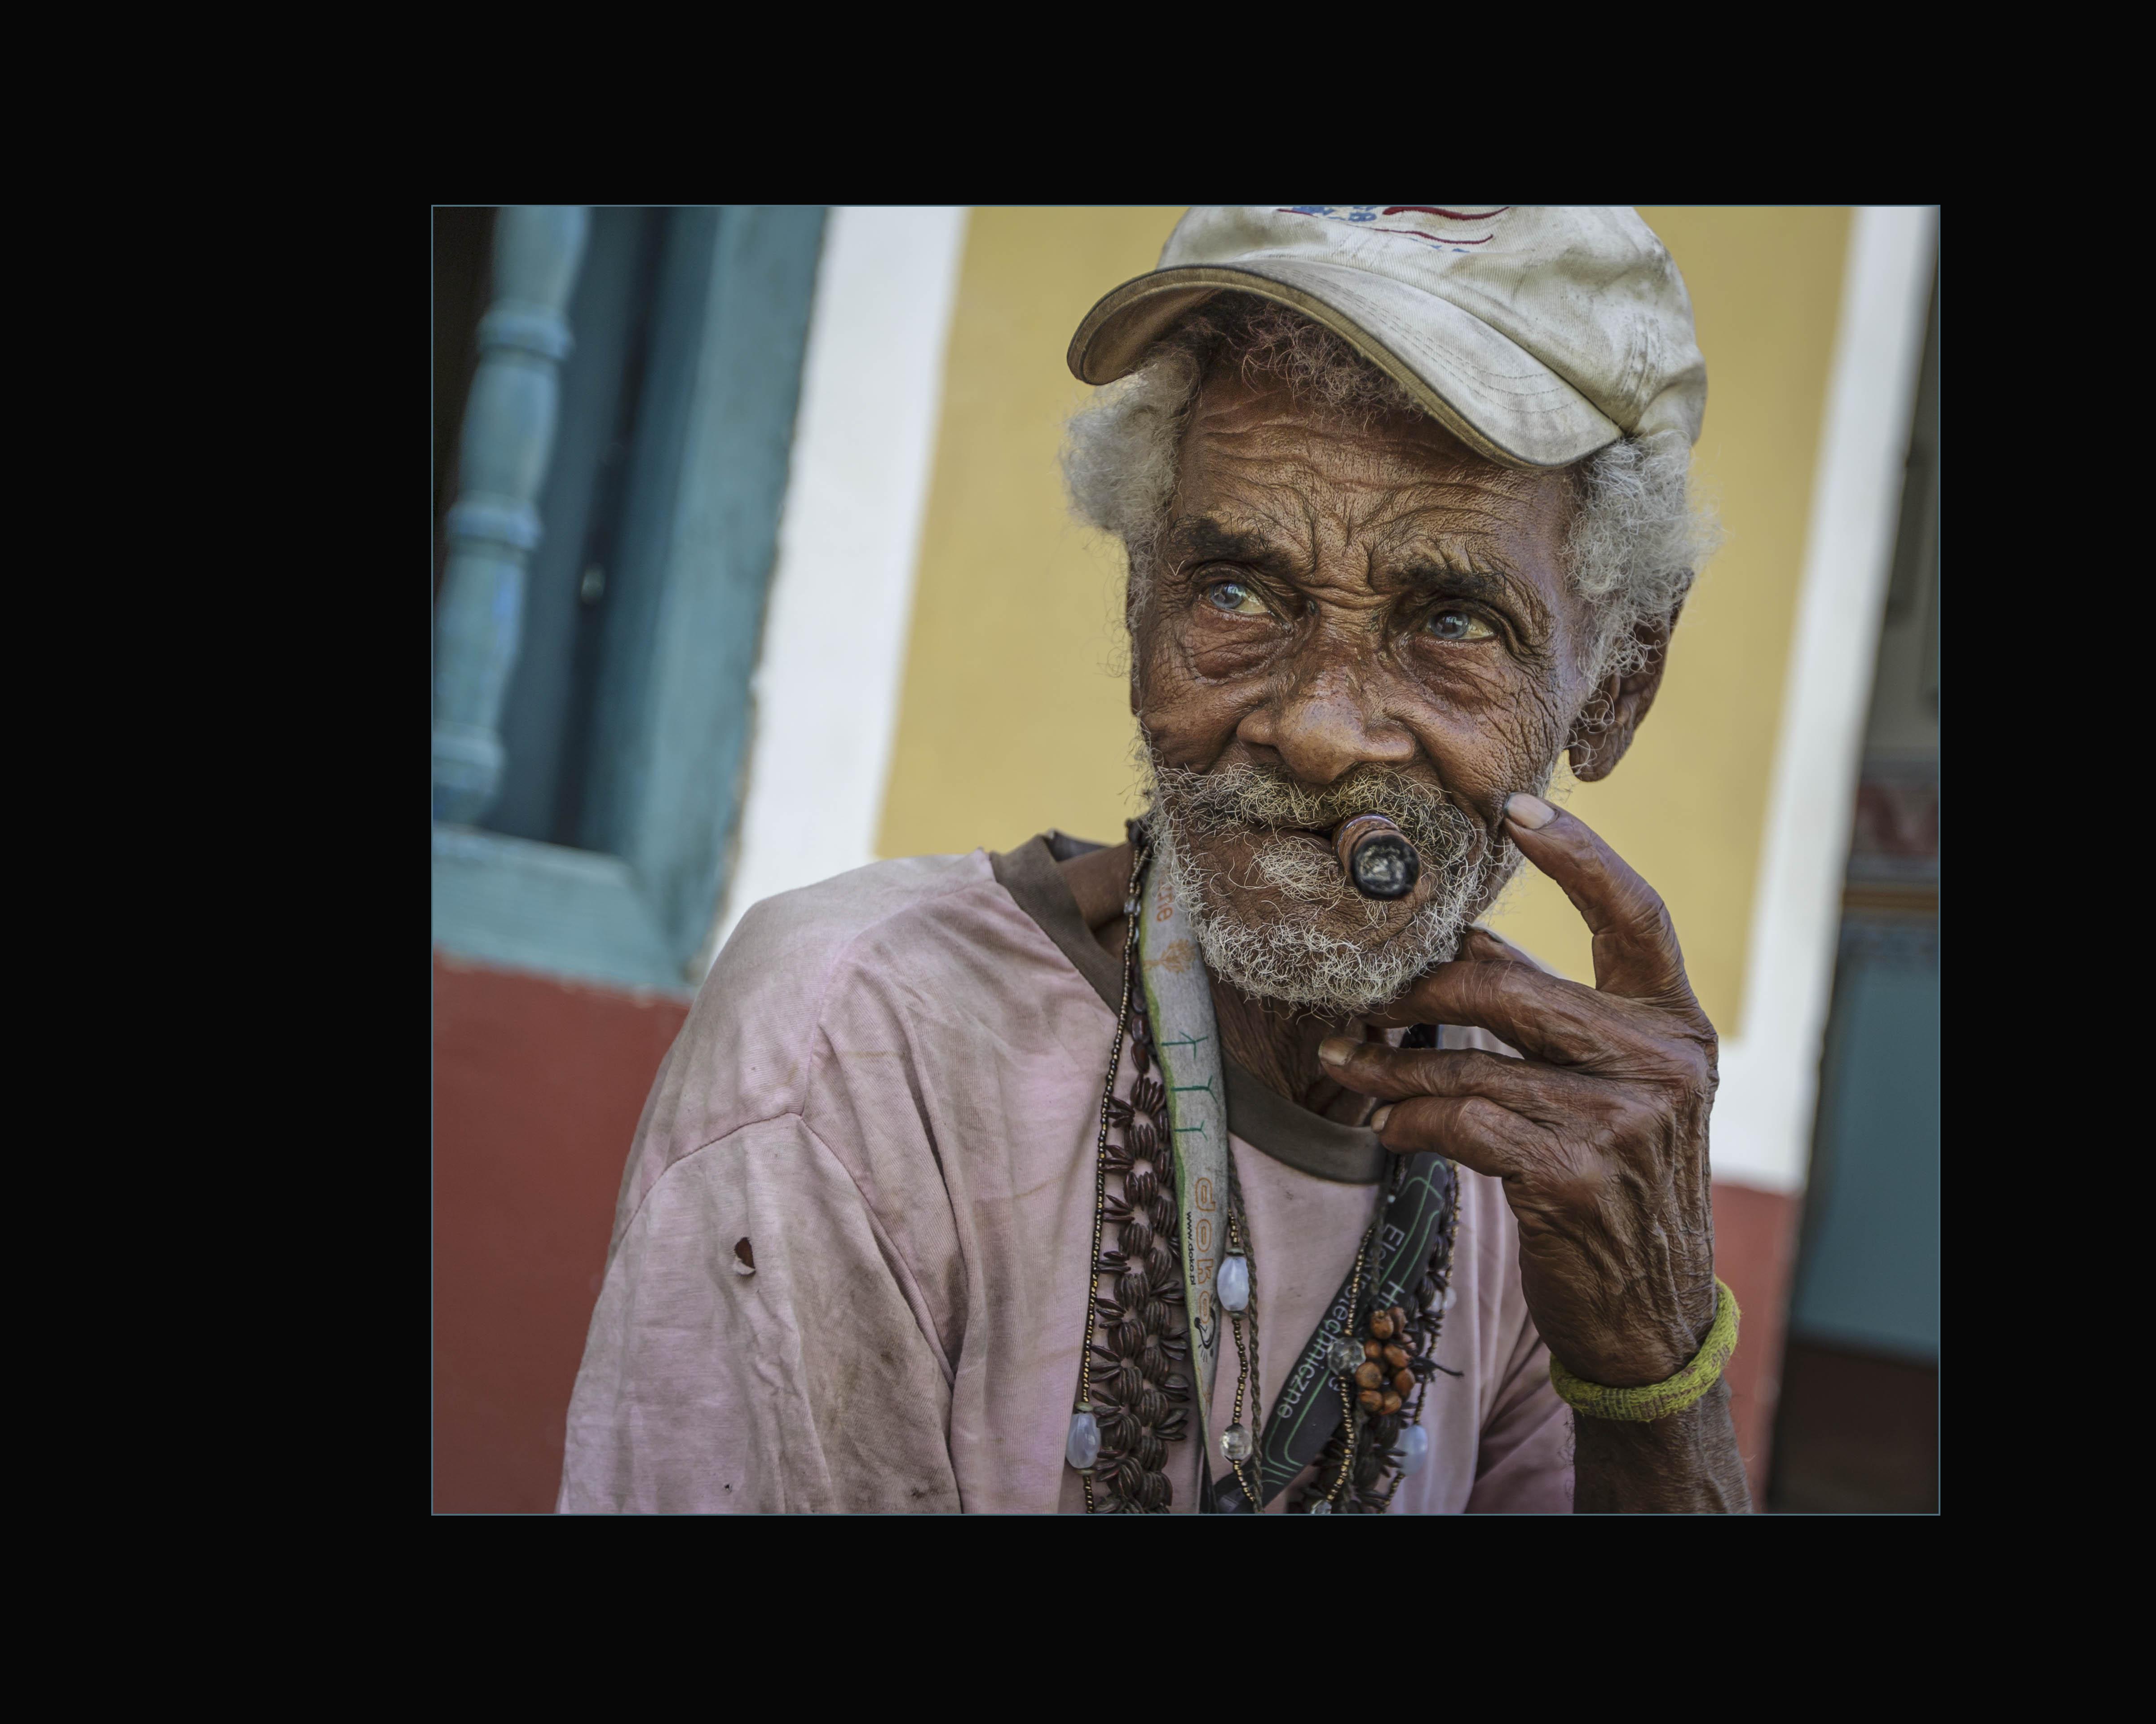 cigar-man-4392